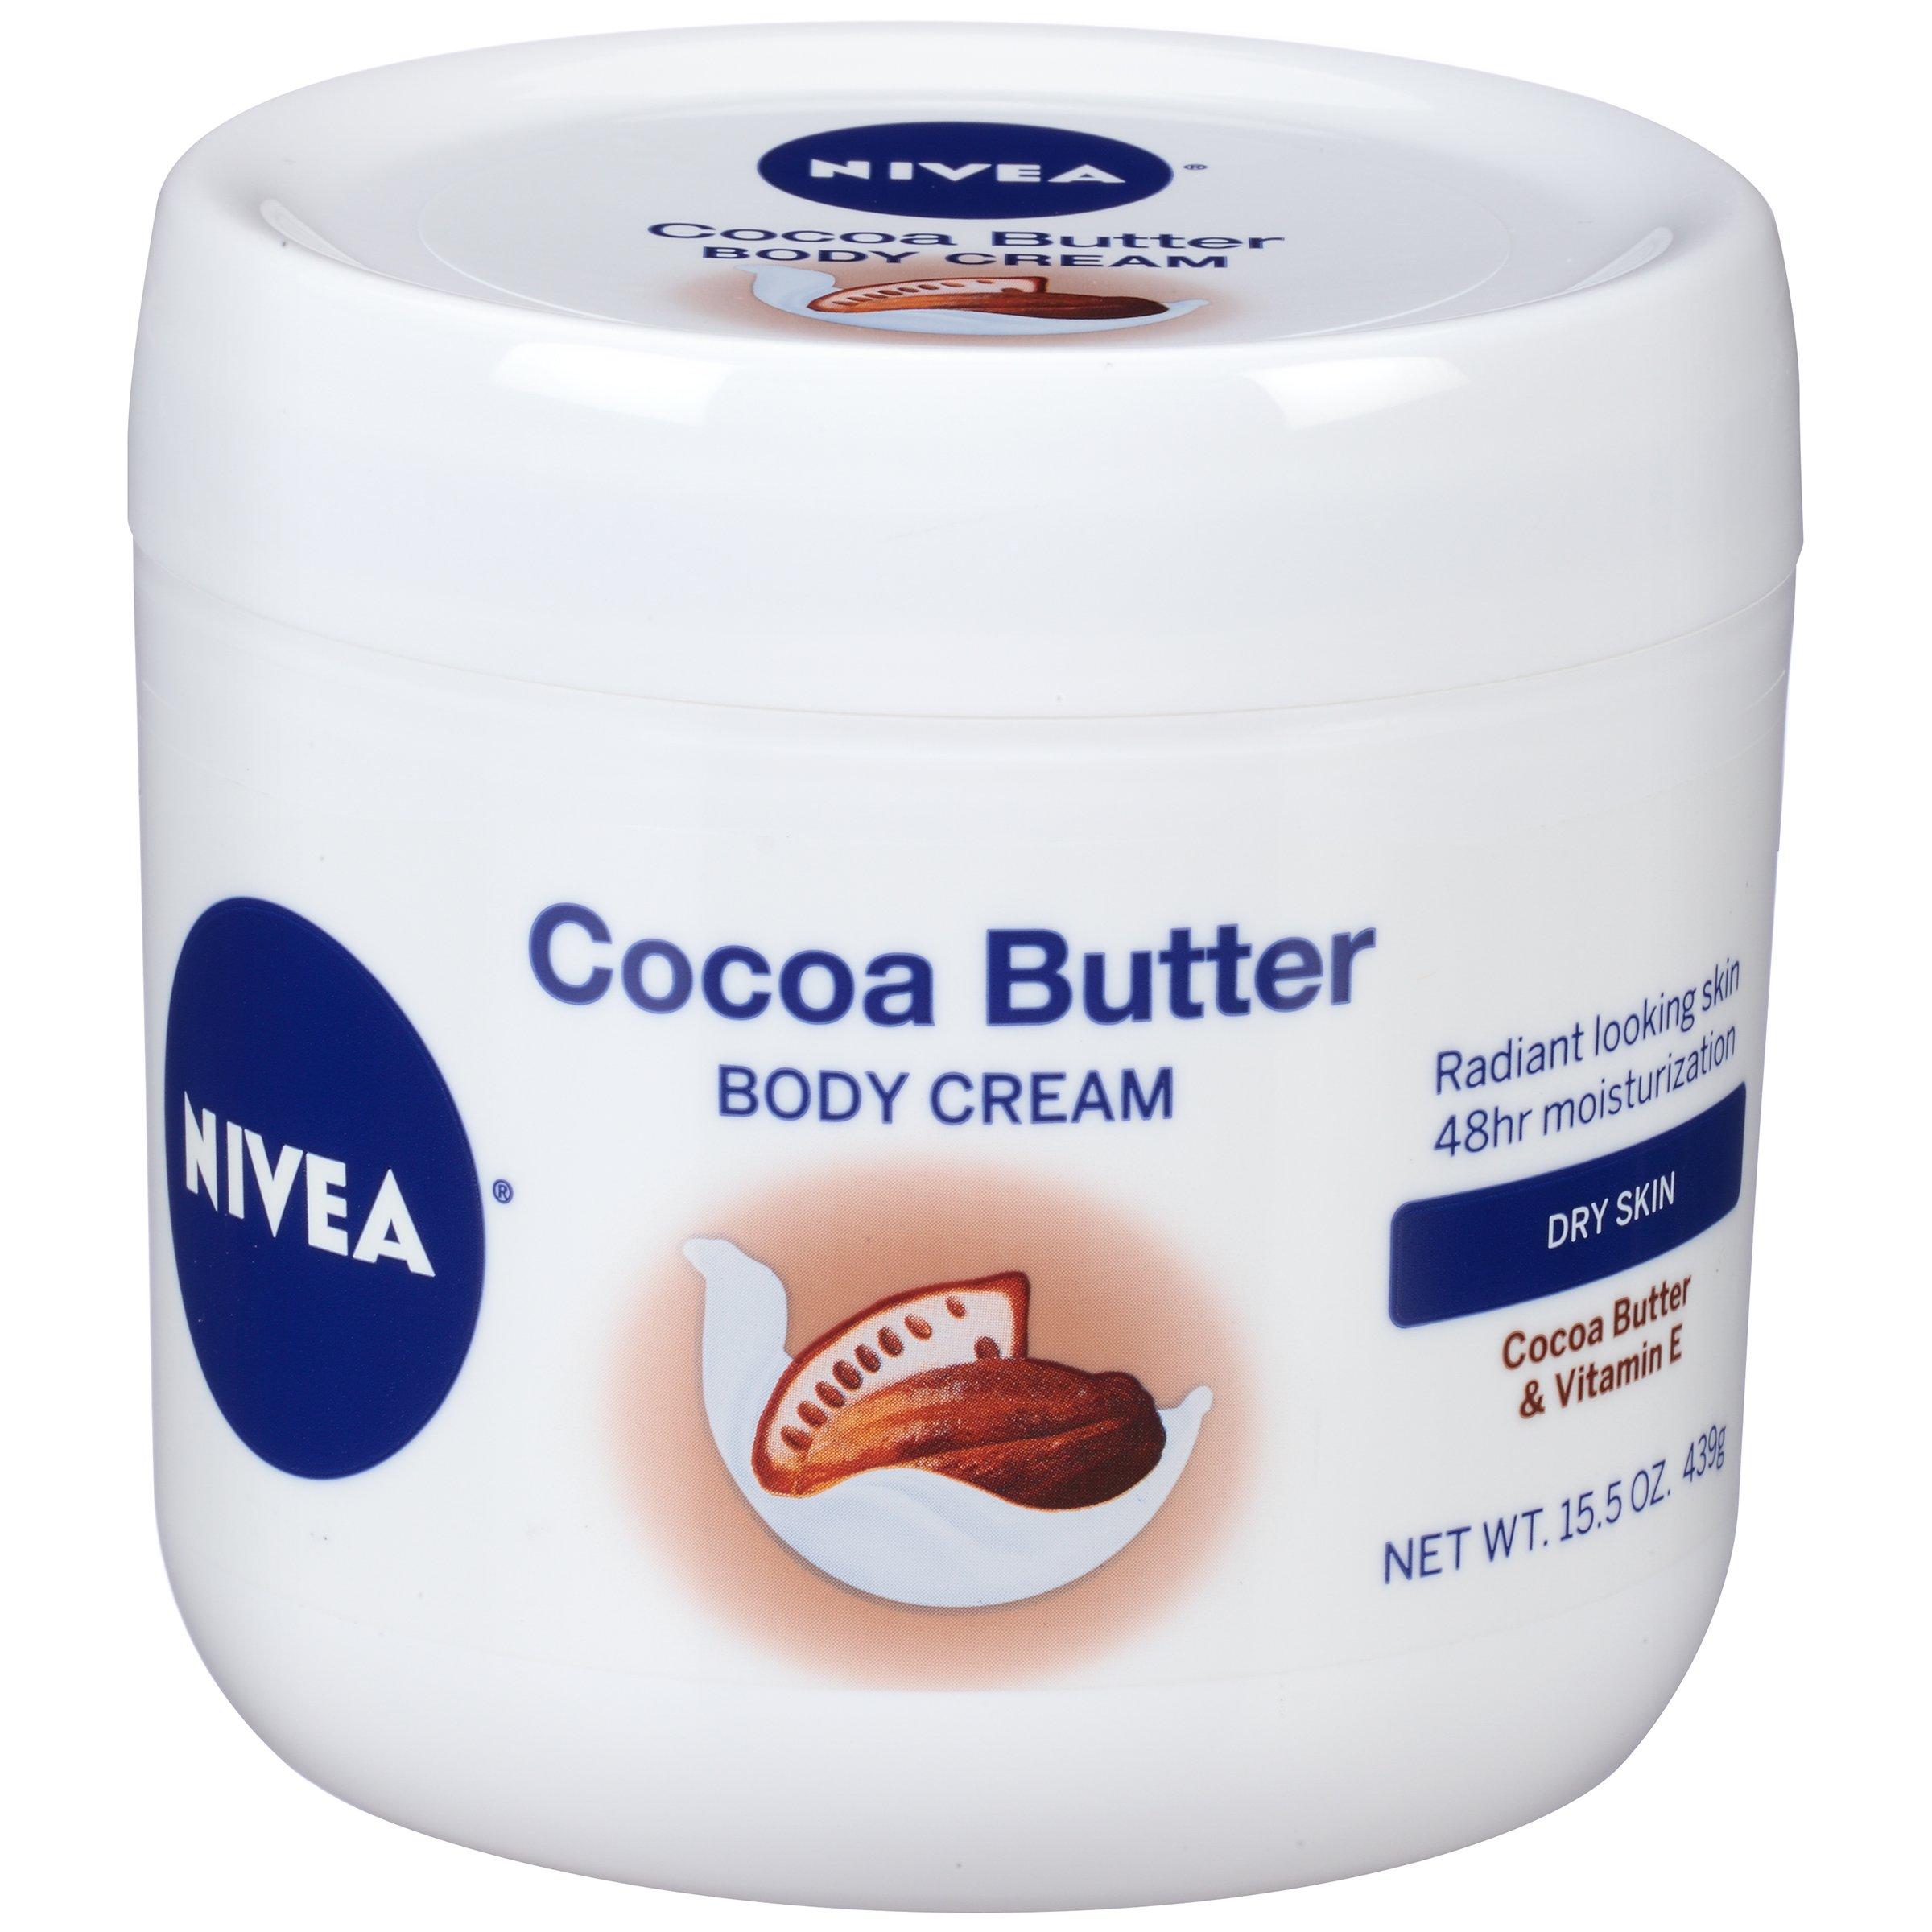 Nivea Cocoa Butter Body Cream, 15.5 Ounce